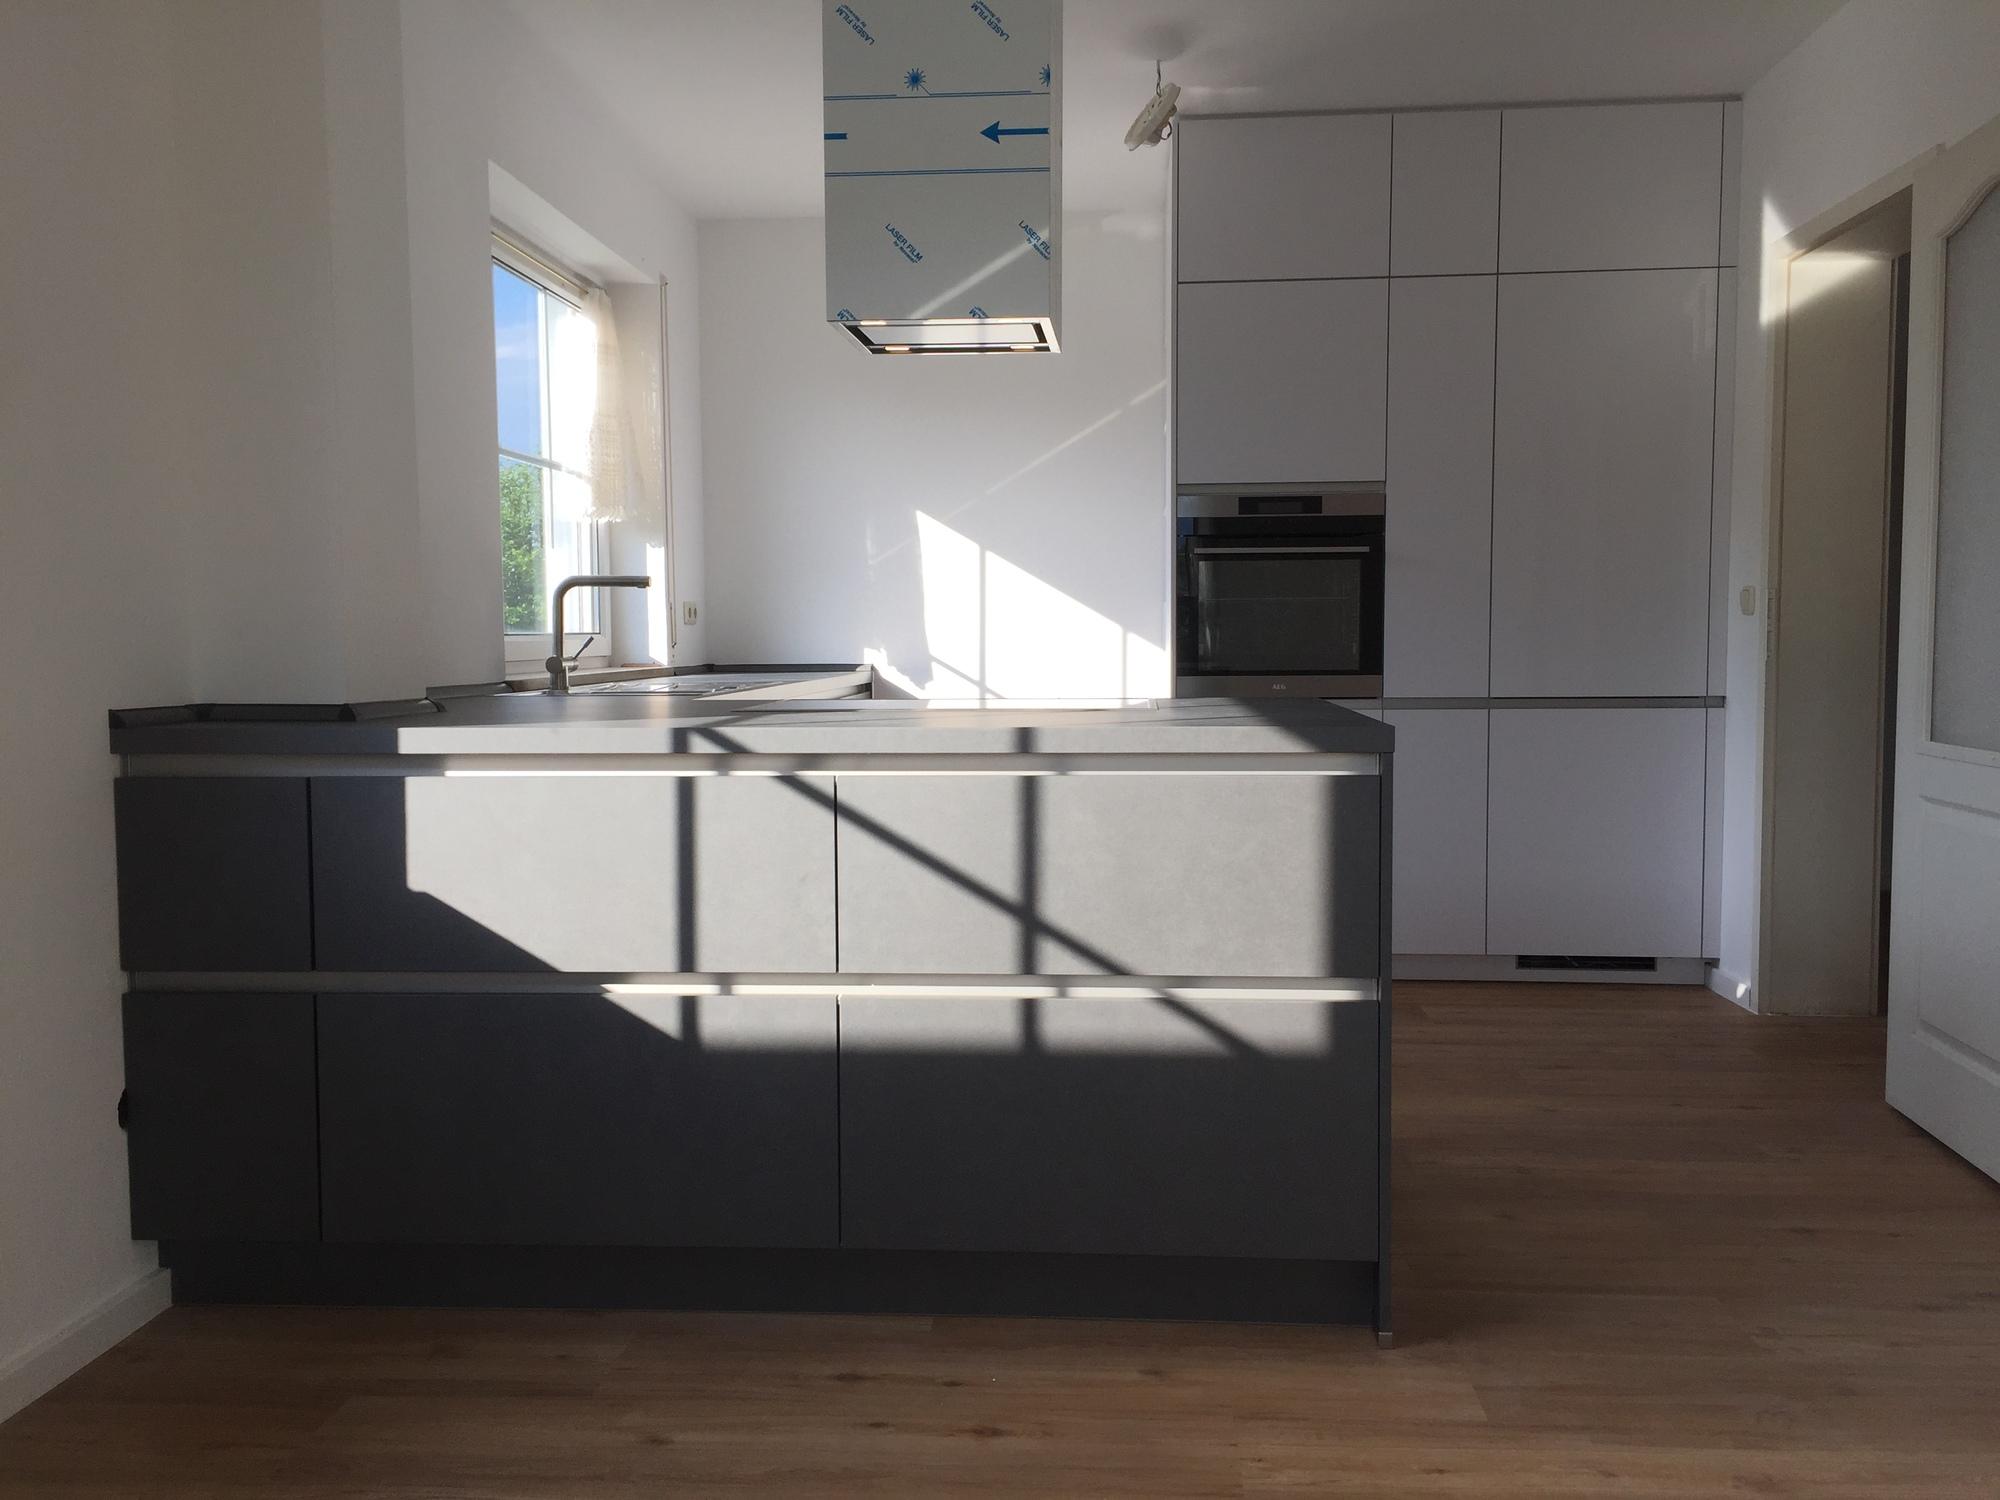 moderne Grifflose Küche mit Metallfronten - Gutsmann Küchen ...